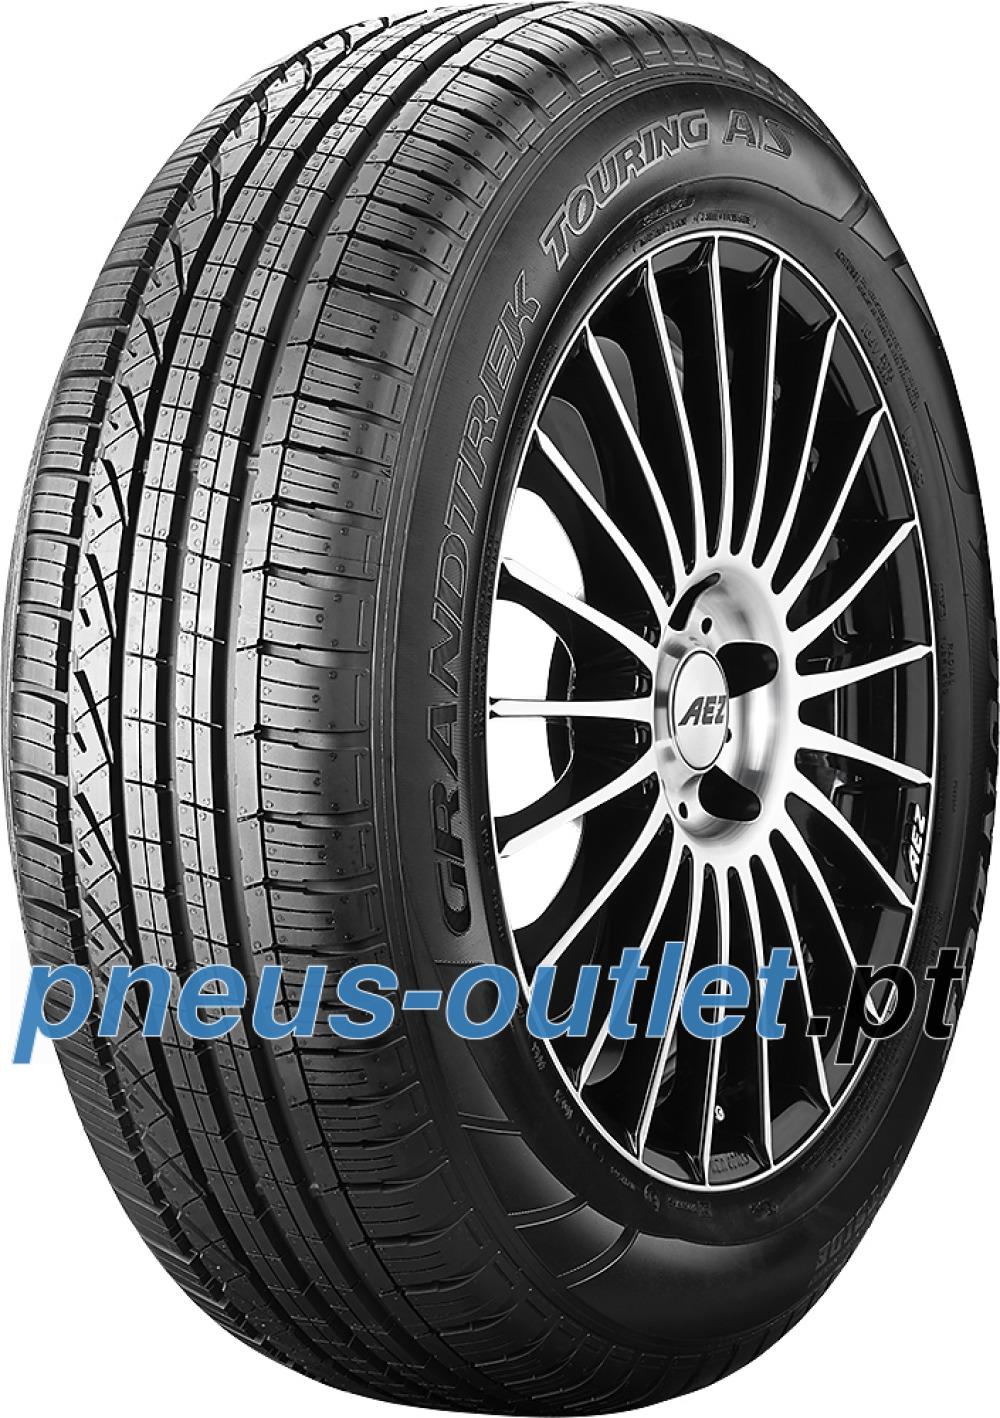 Dunlop Grandtrek Touring A/S ( 225/65 R17 106V XL com protecção da jante (MFS) )